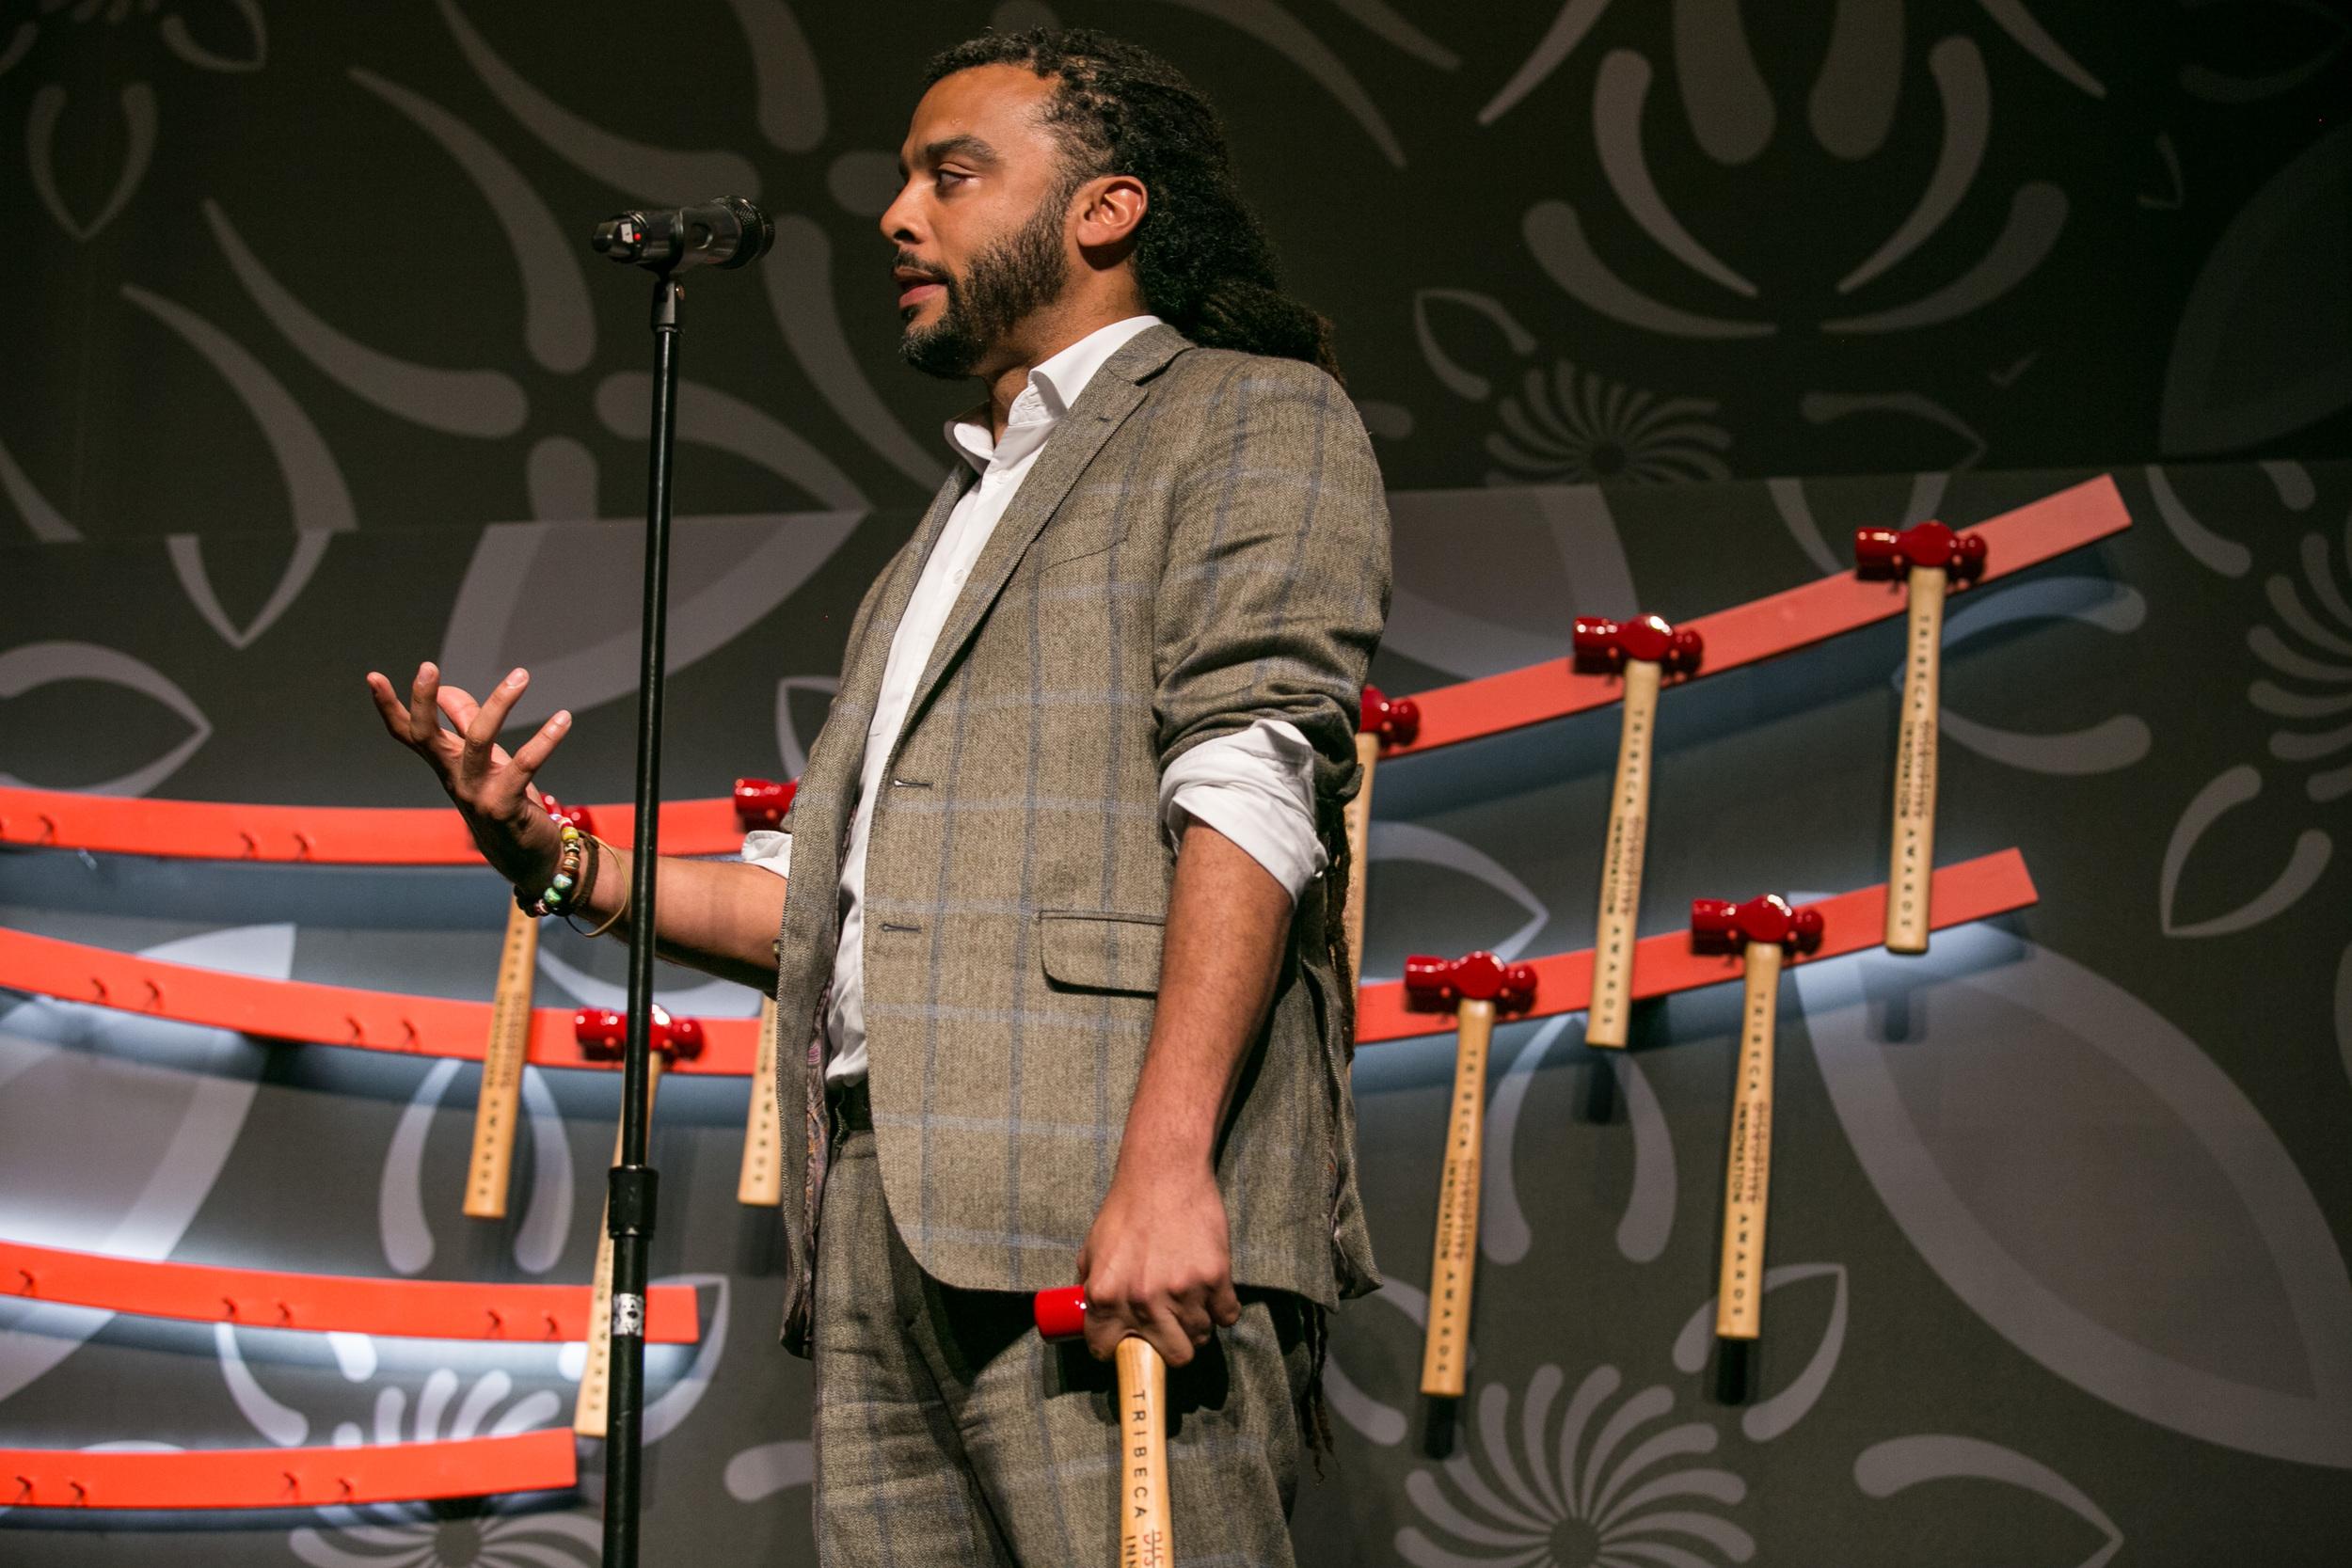 20160422-Tribeca Disruptive Innovation Awards-0899.jpg